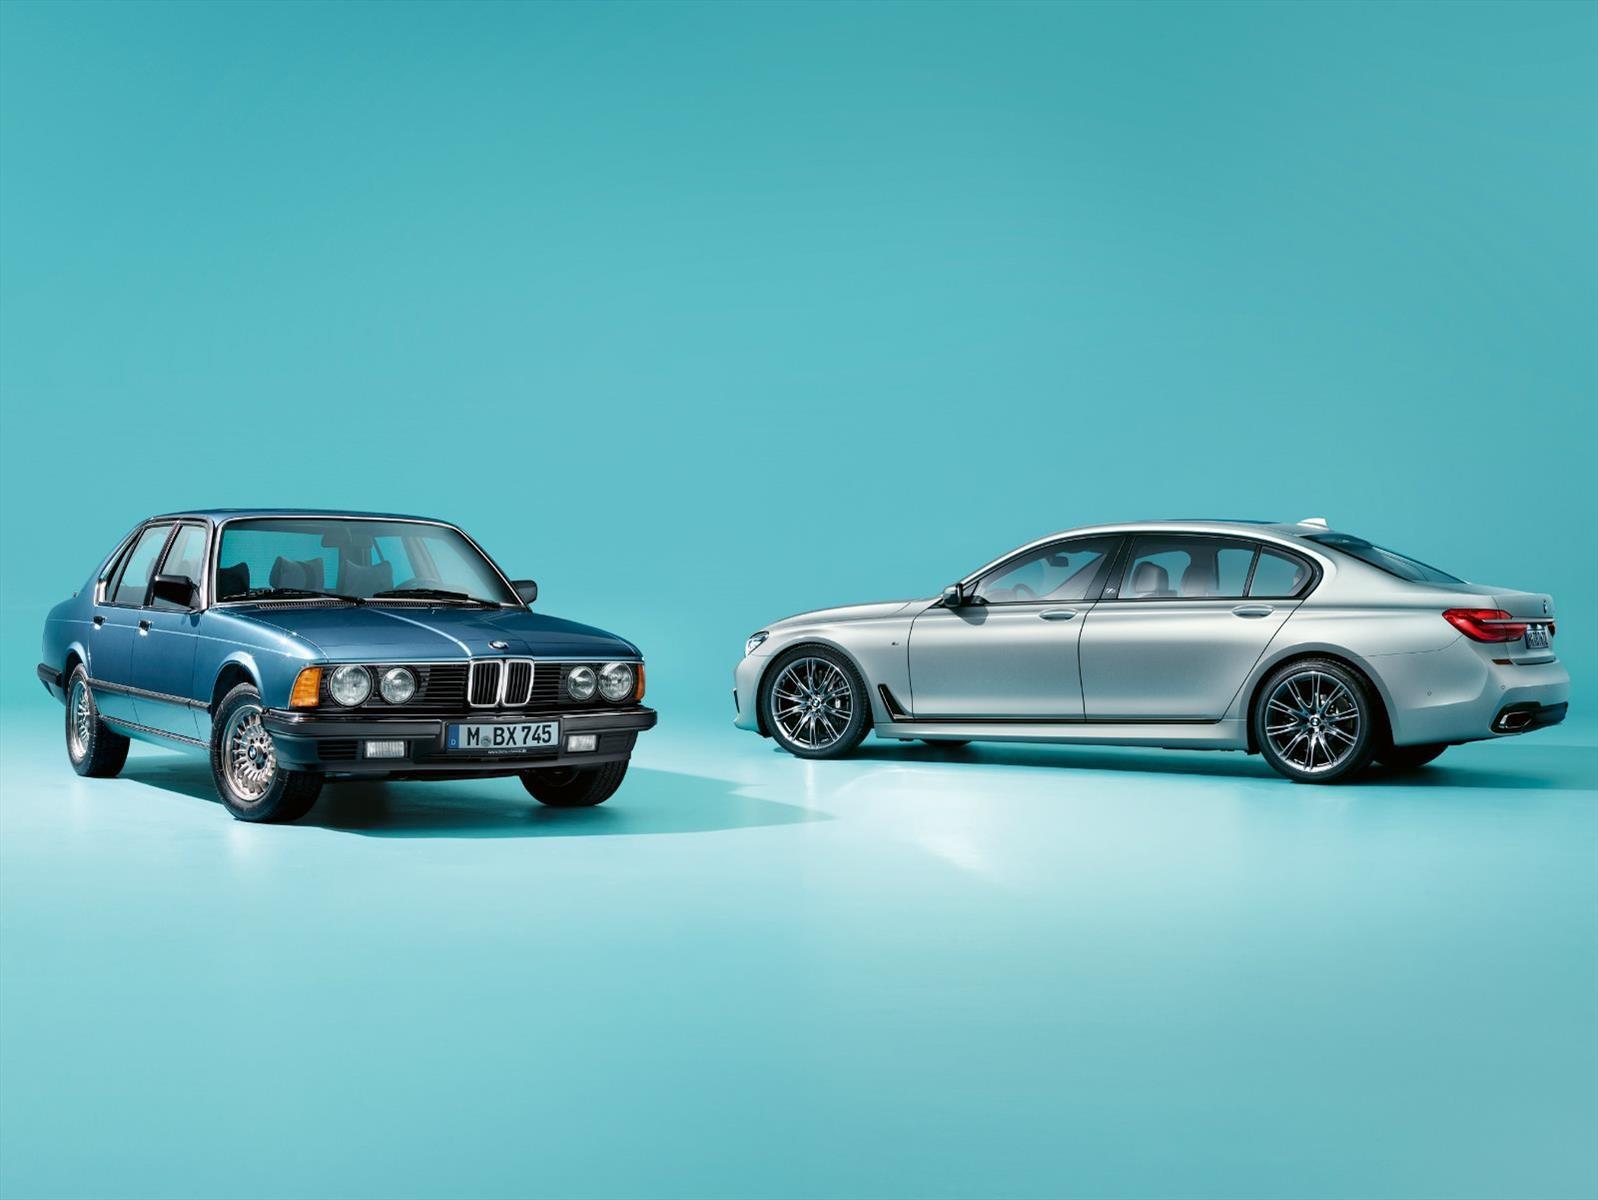 El BMW Serie 7 celebra sus cuatro décadas con edición especial